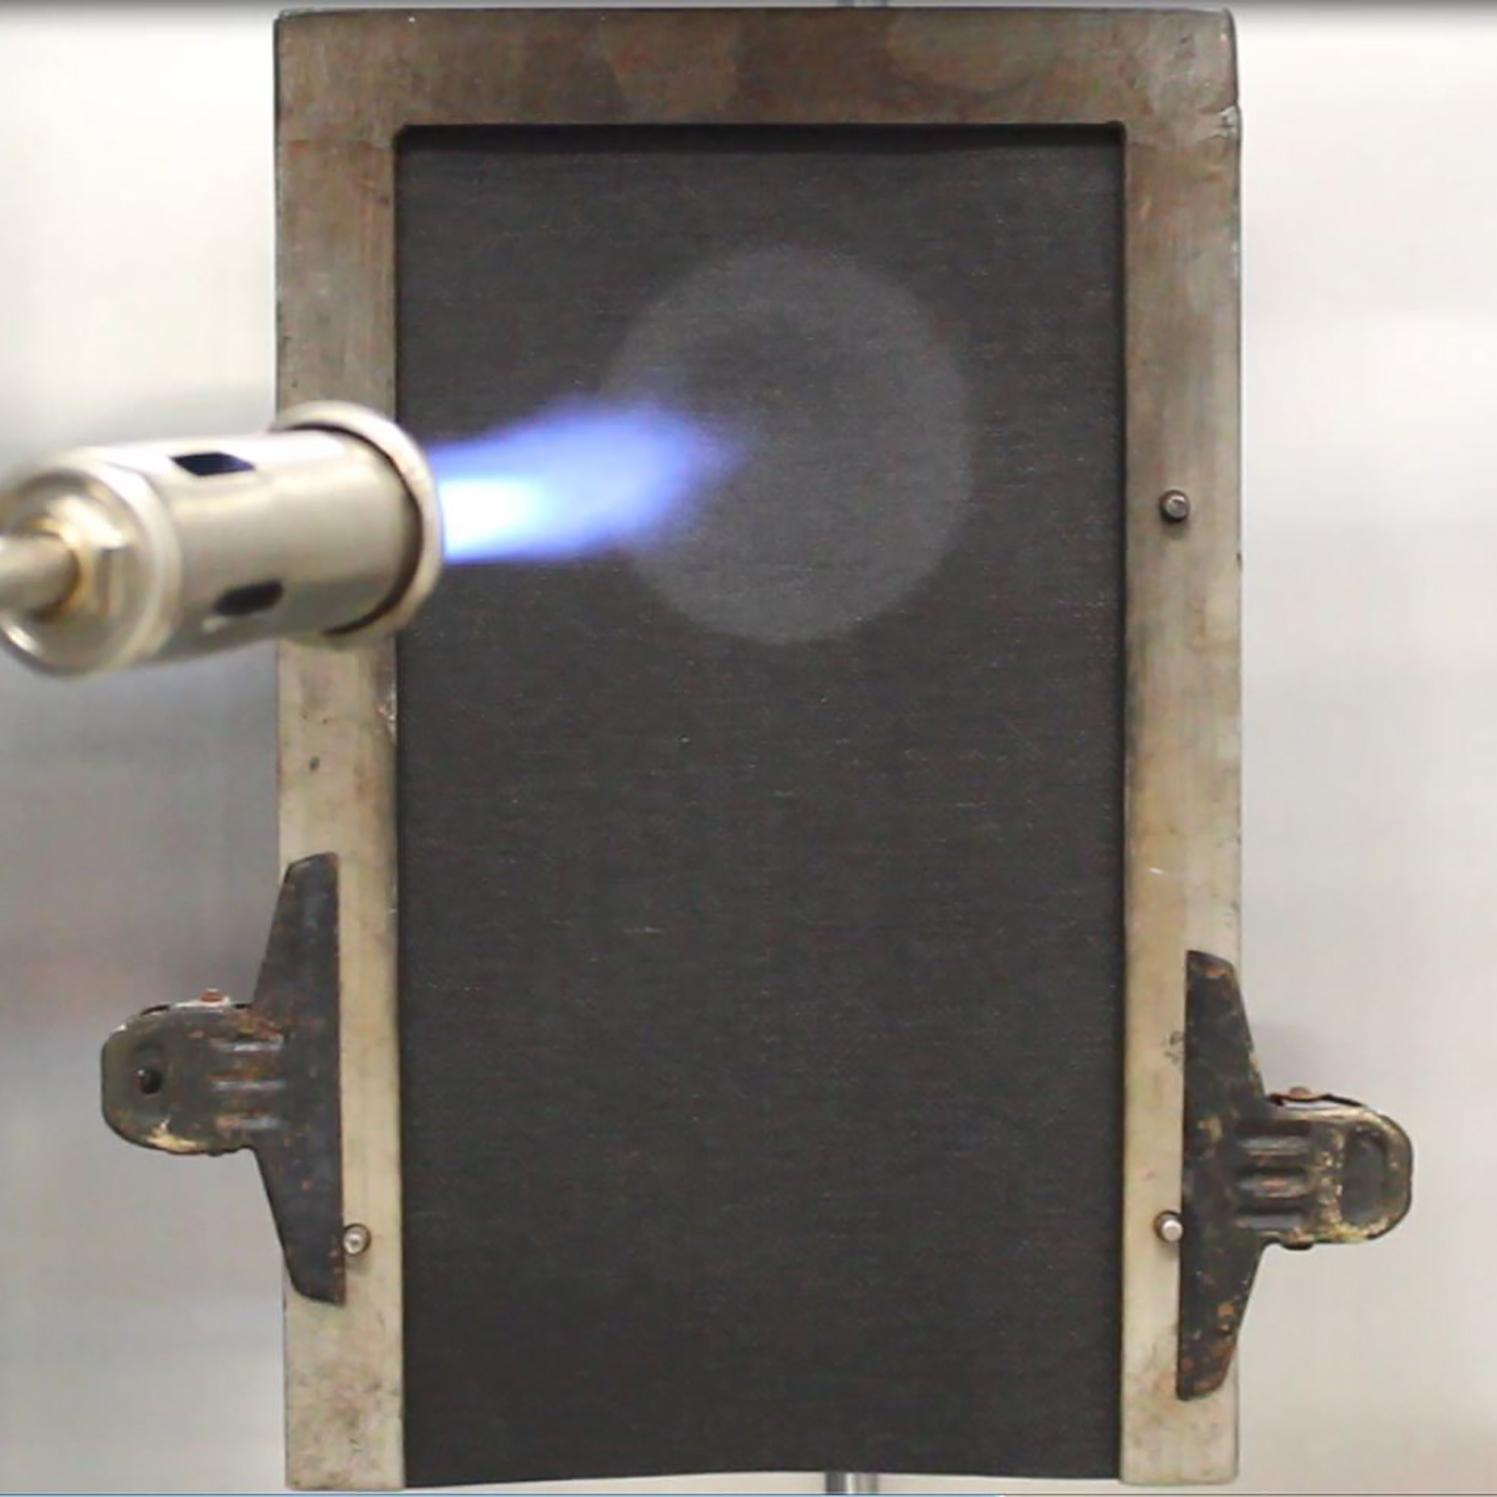 Safe One En 13501-1 Test